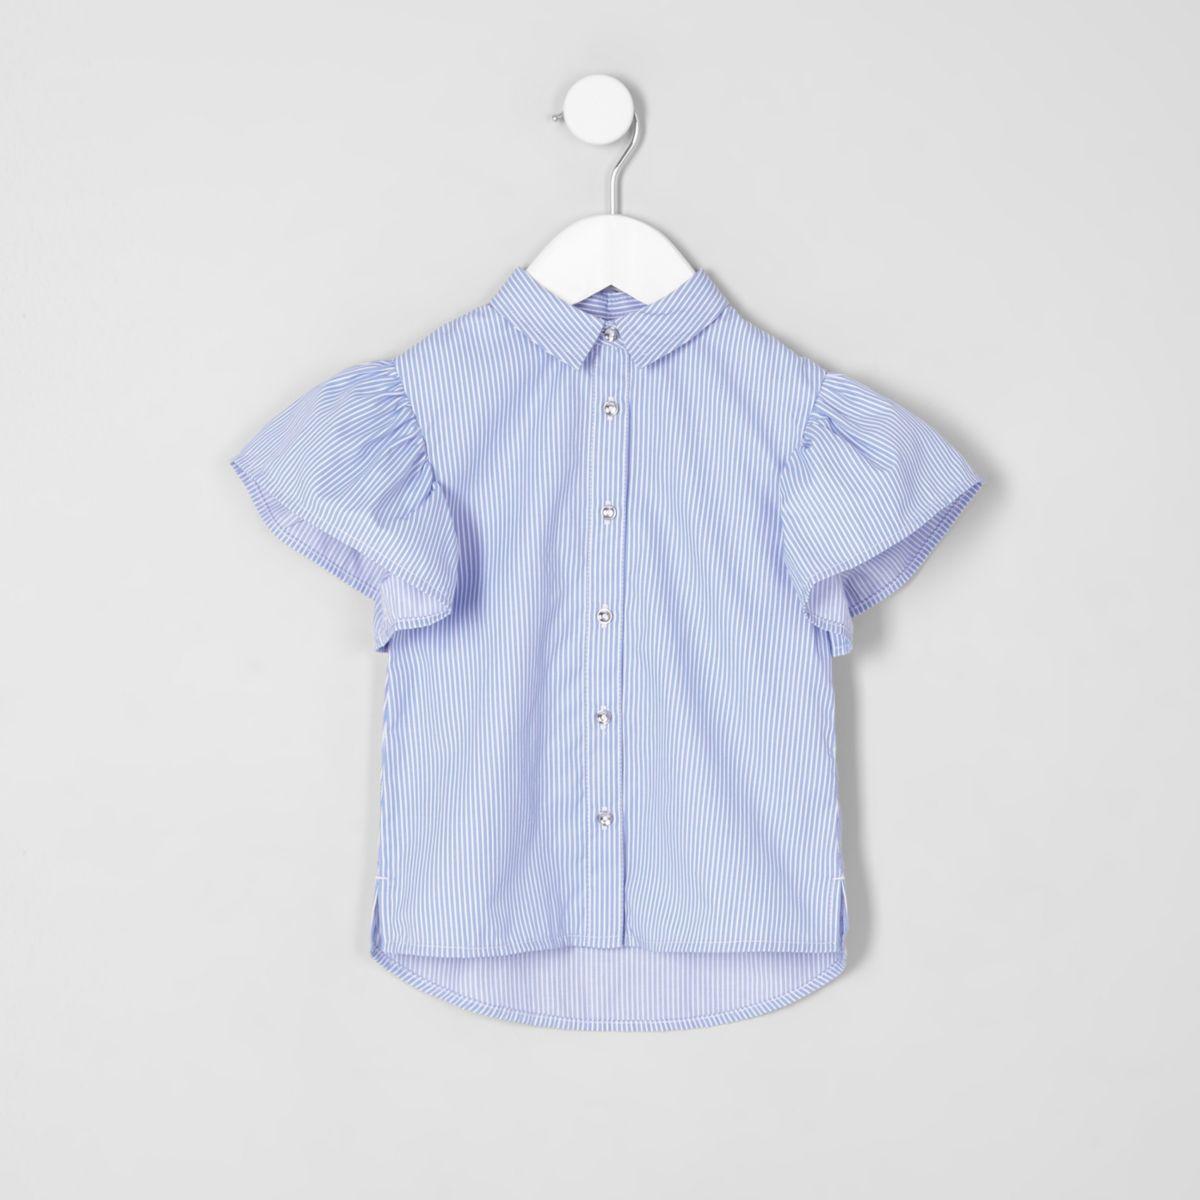 Blaues, gestreiftes Hemd mit Rüschen